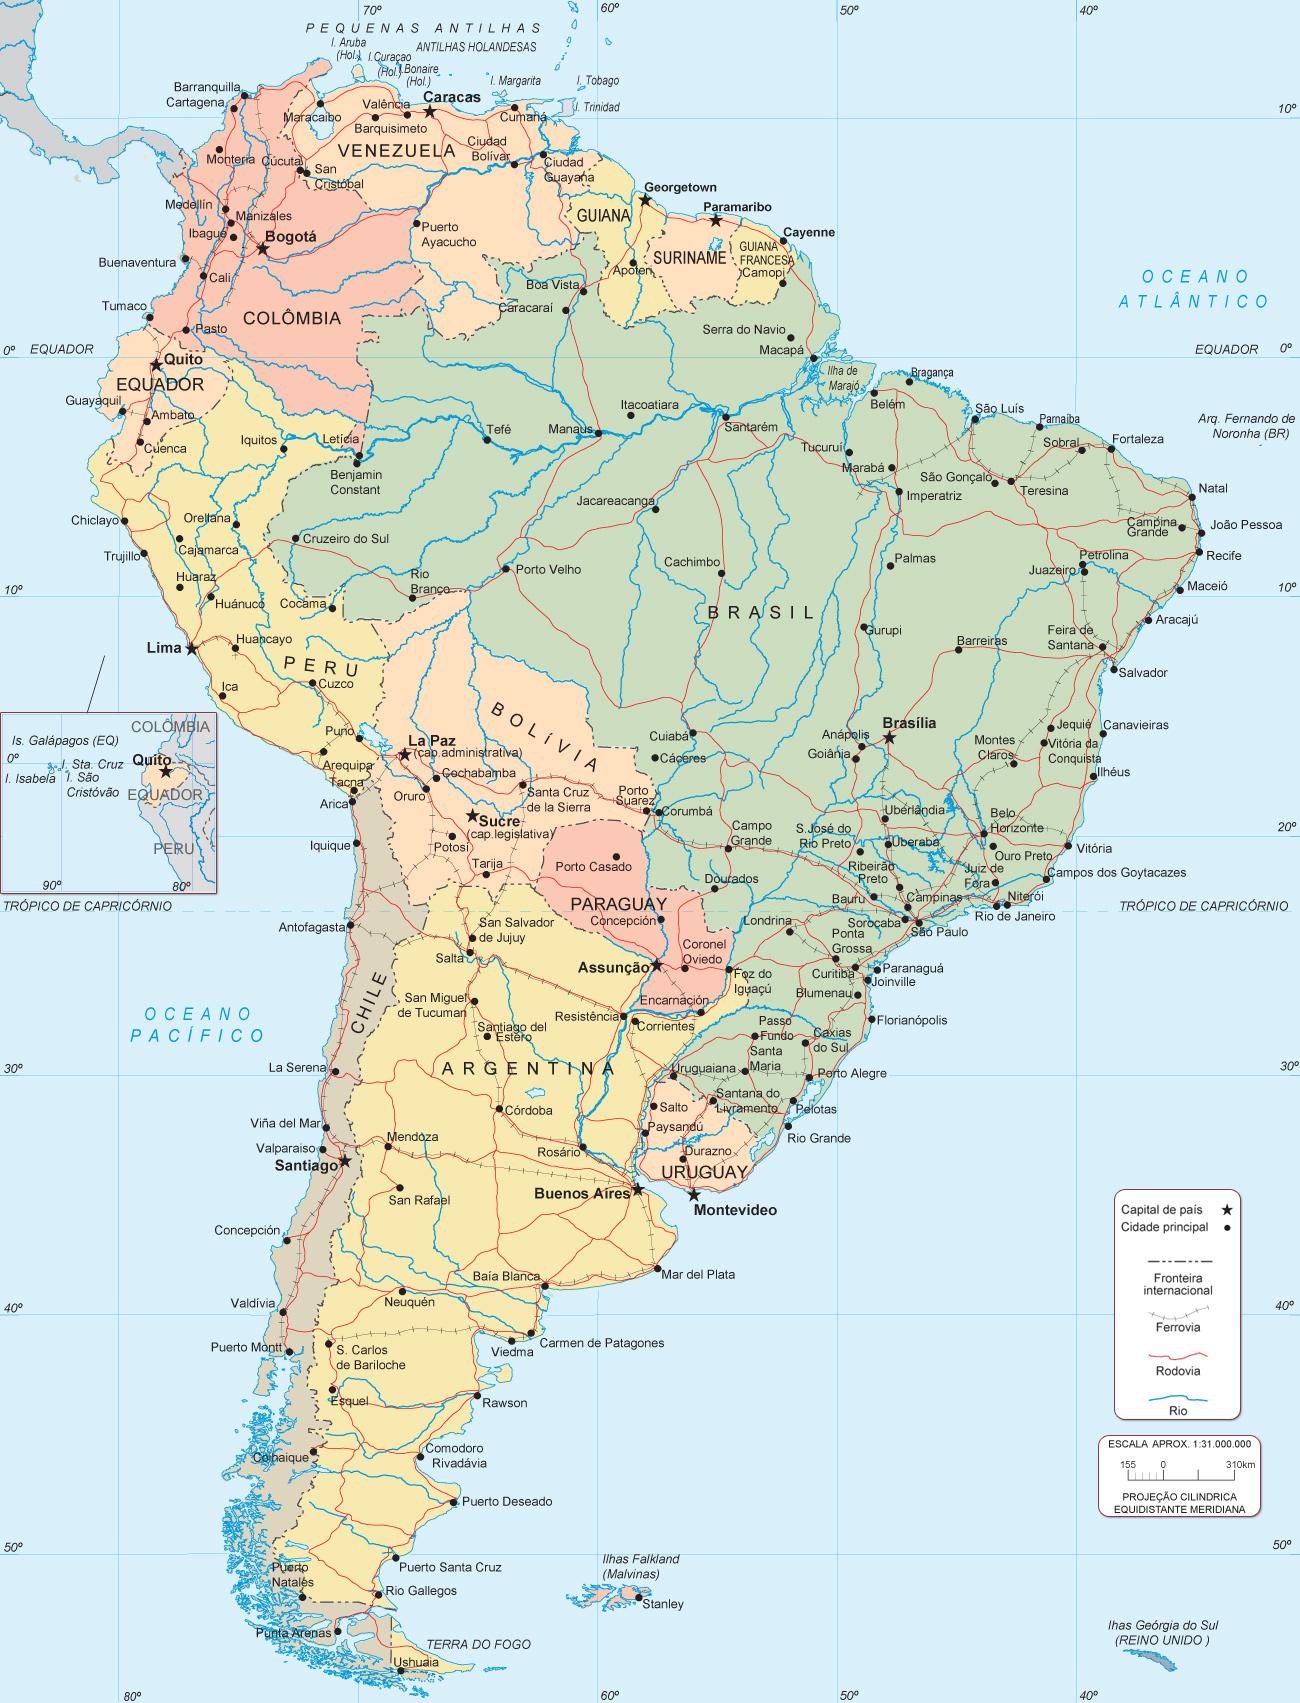 mapa da america do sul Mapa da América do Sul mapa da america do sul